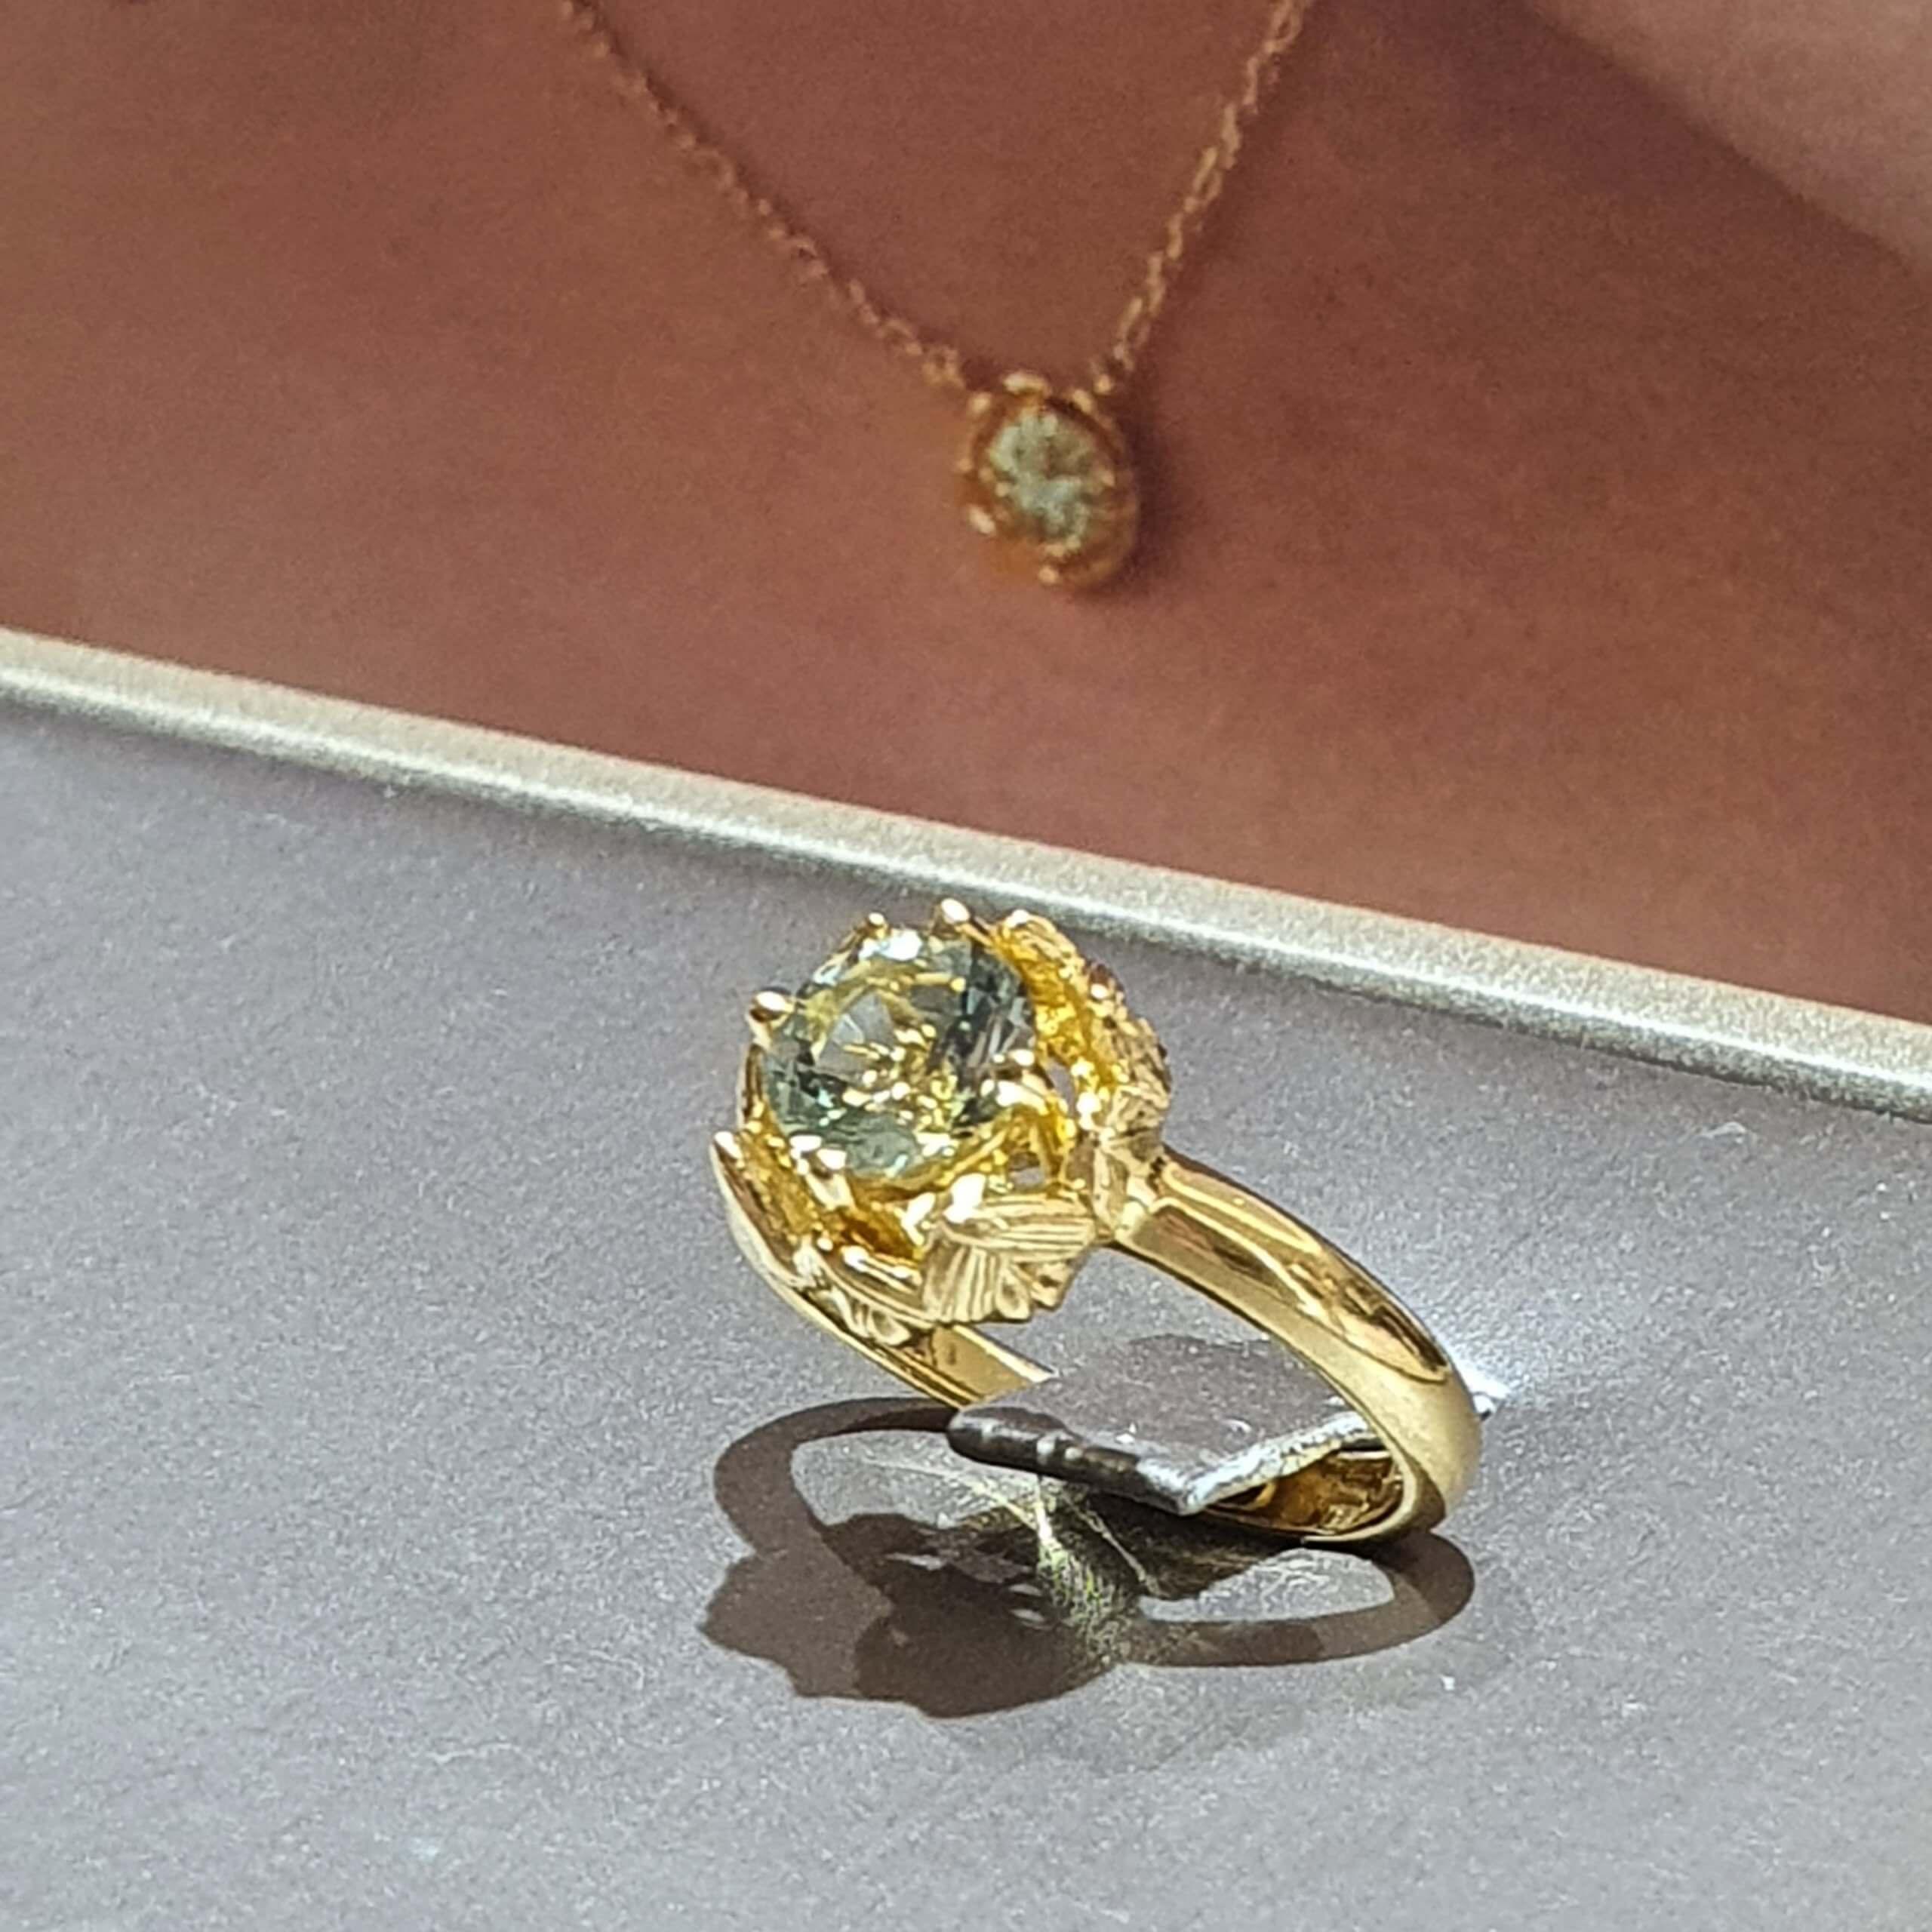 RISIS Mifuyu Fukai Midori Collection Ring